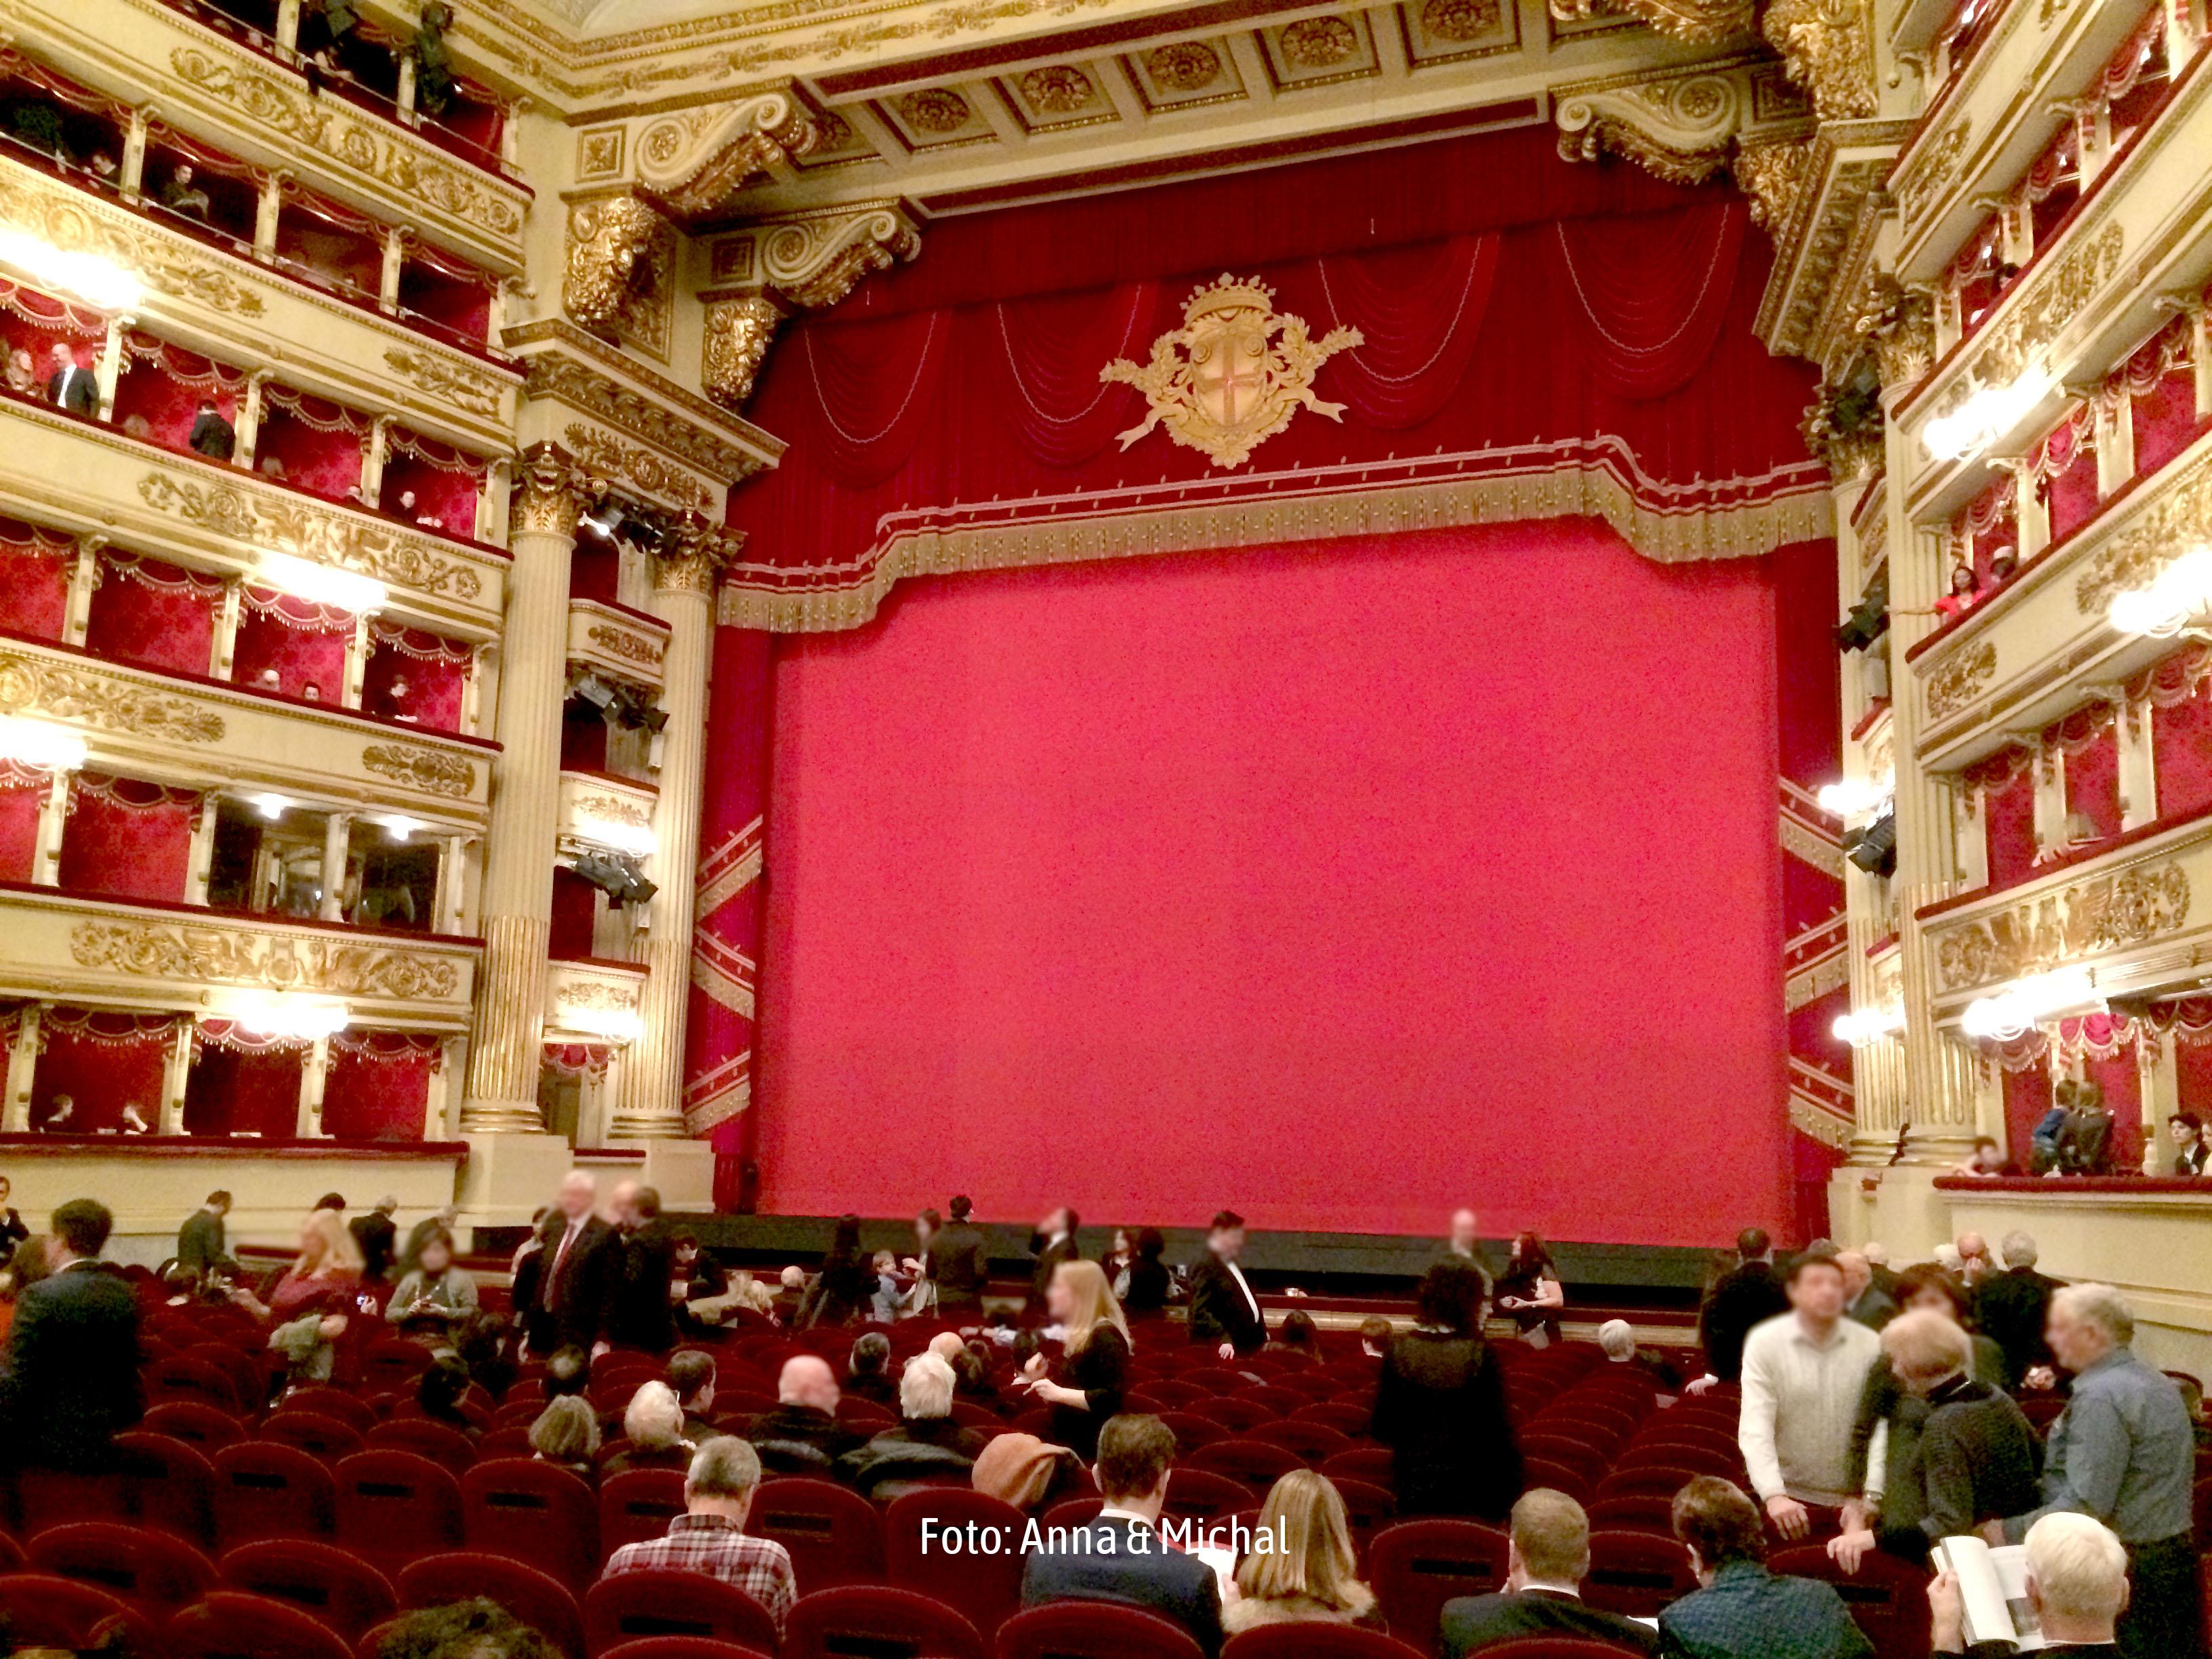 En Milán, la vida es puro teatro - Italia Circuito Italia Clásica: de Milán a Roma